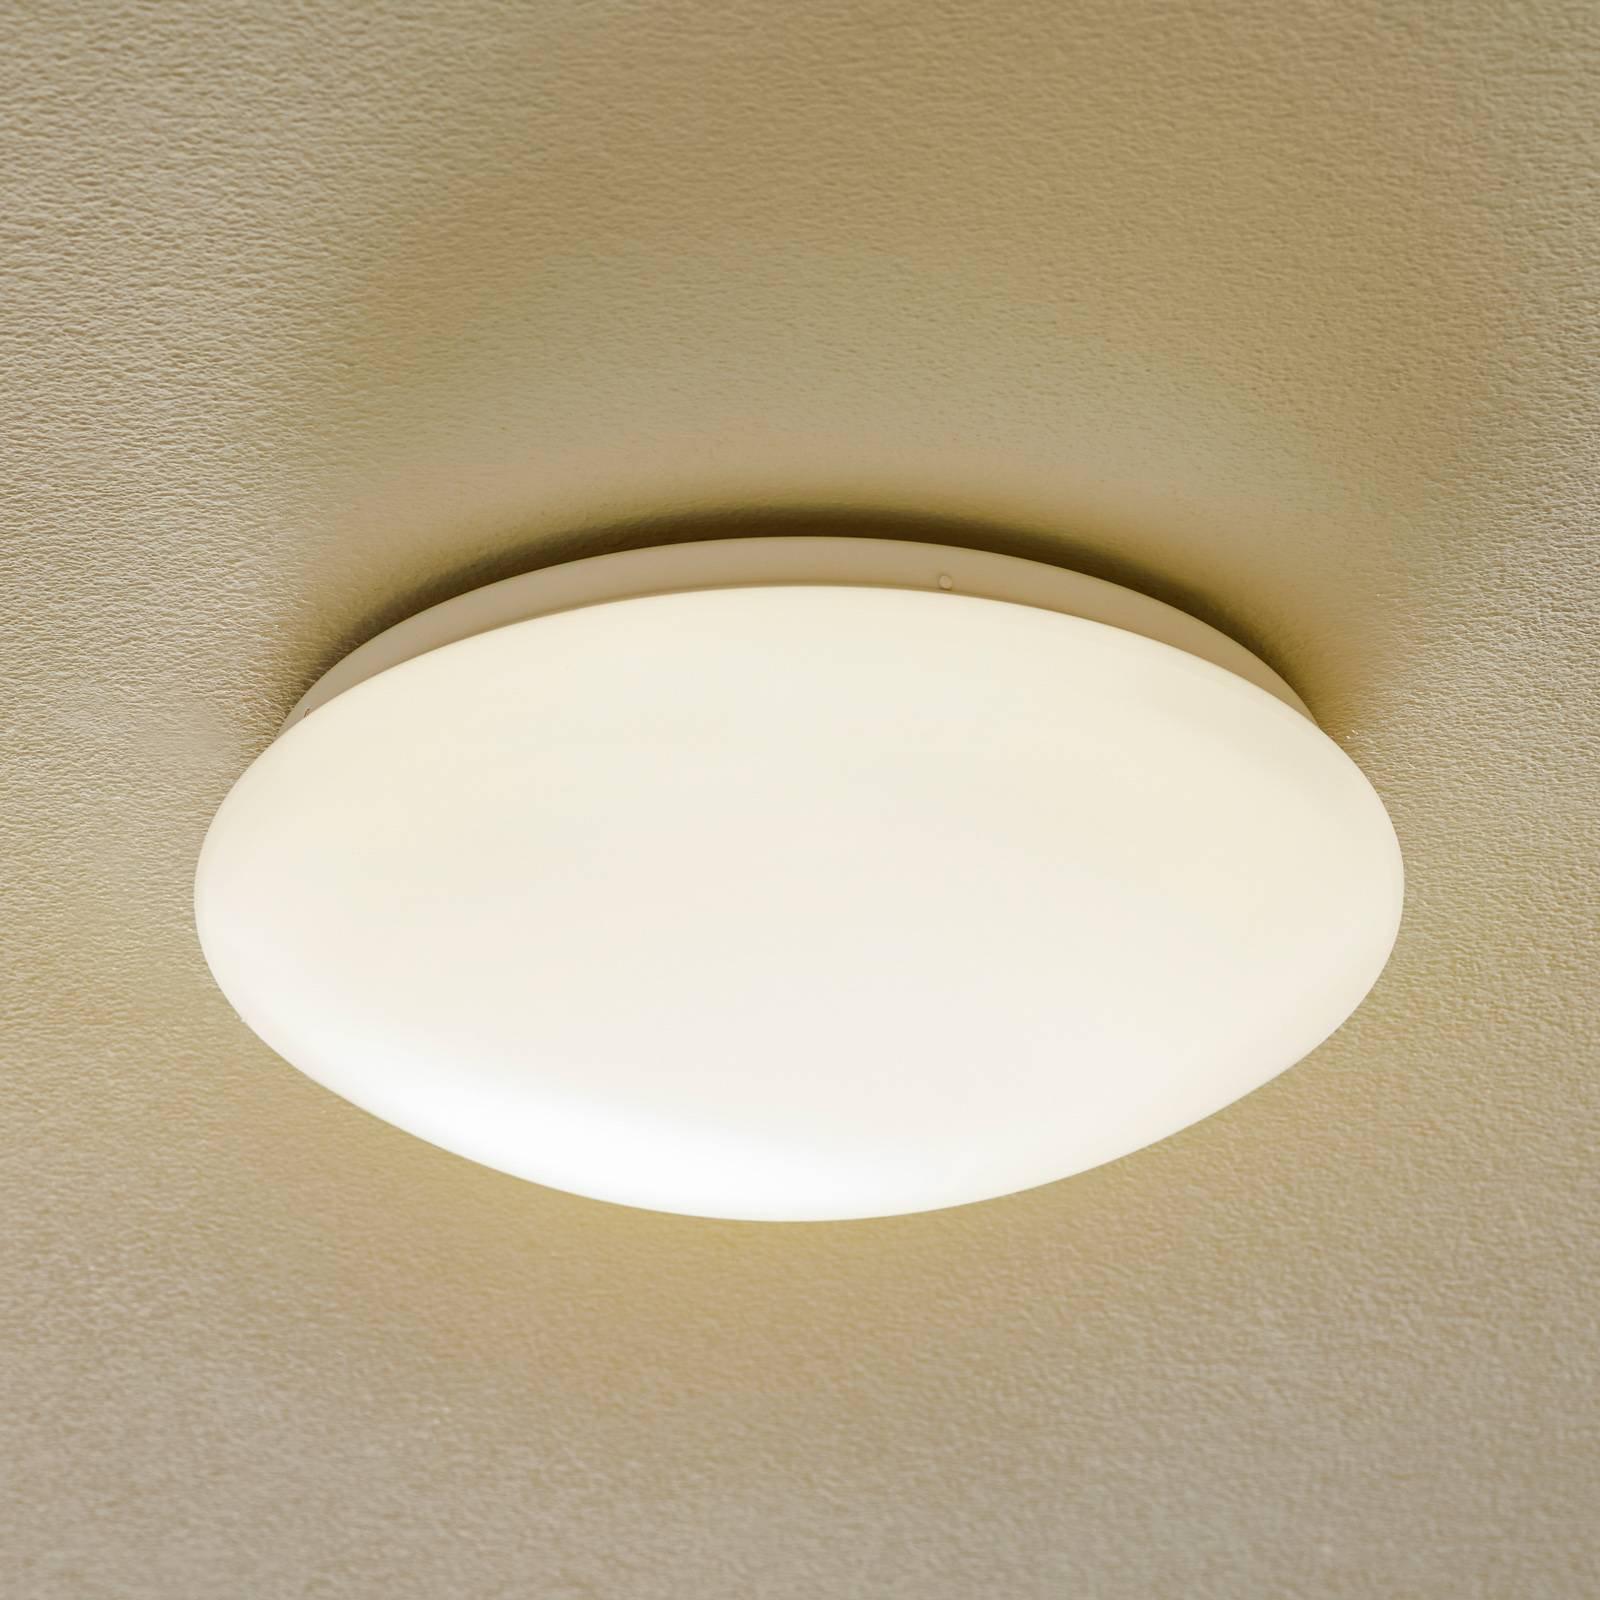 Paulmann Leonis LED-taklampe 3 000 K Ø 28cm